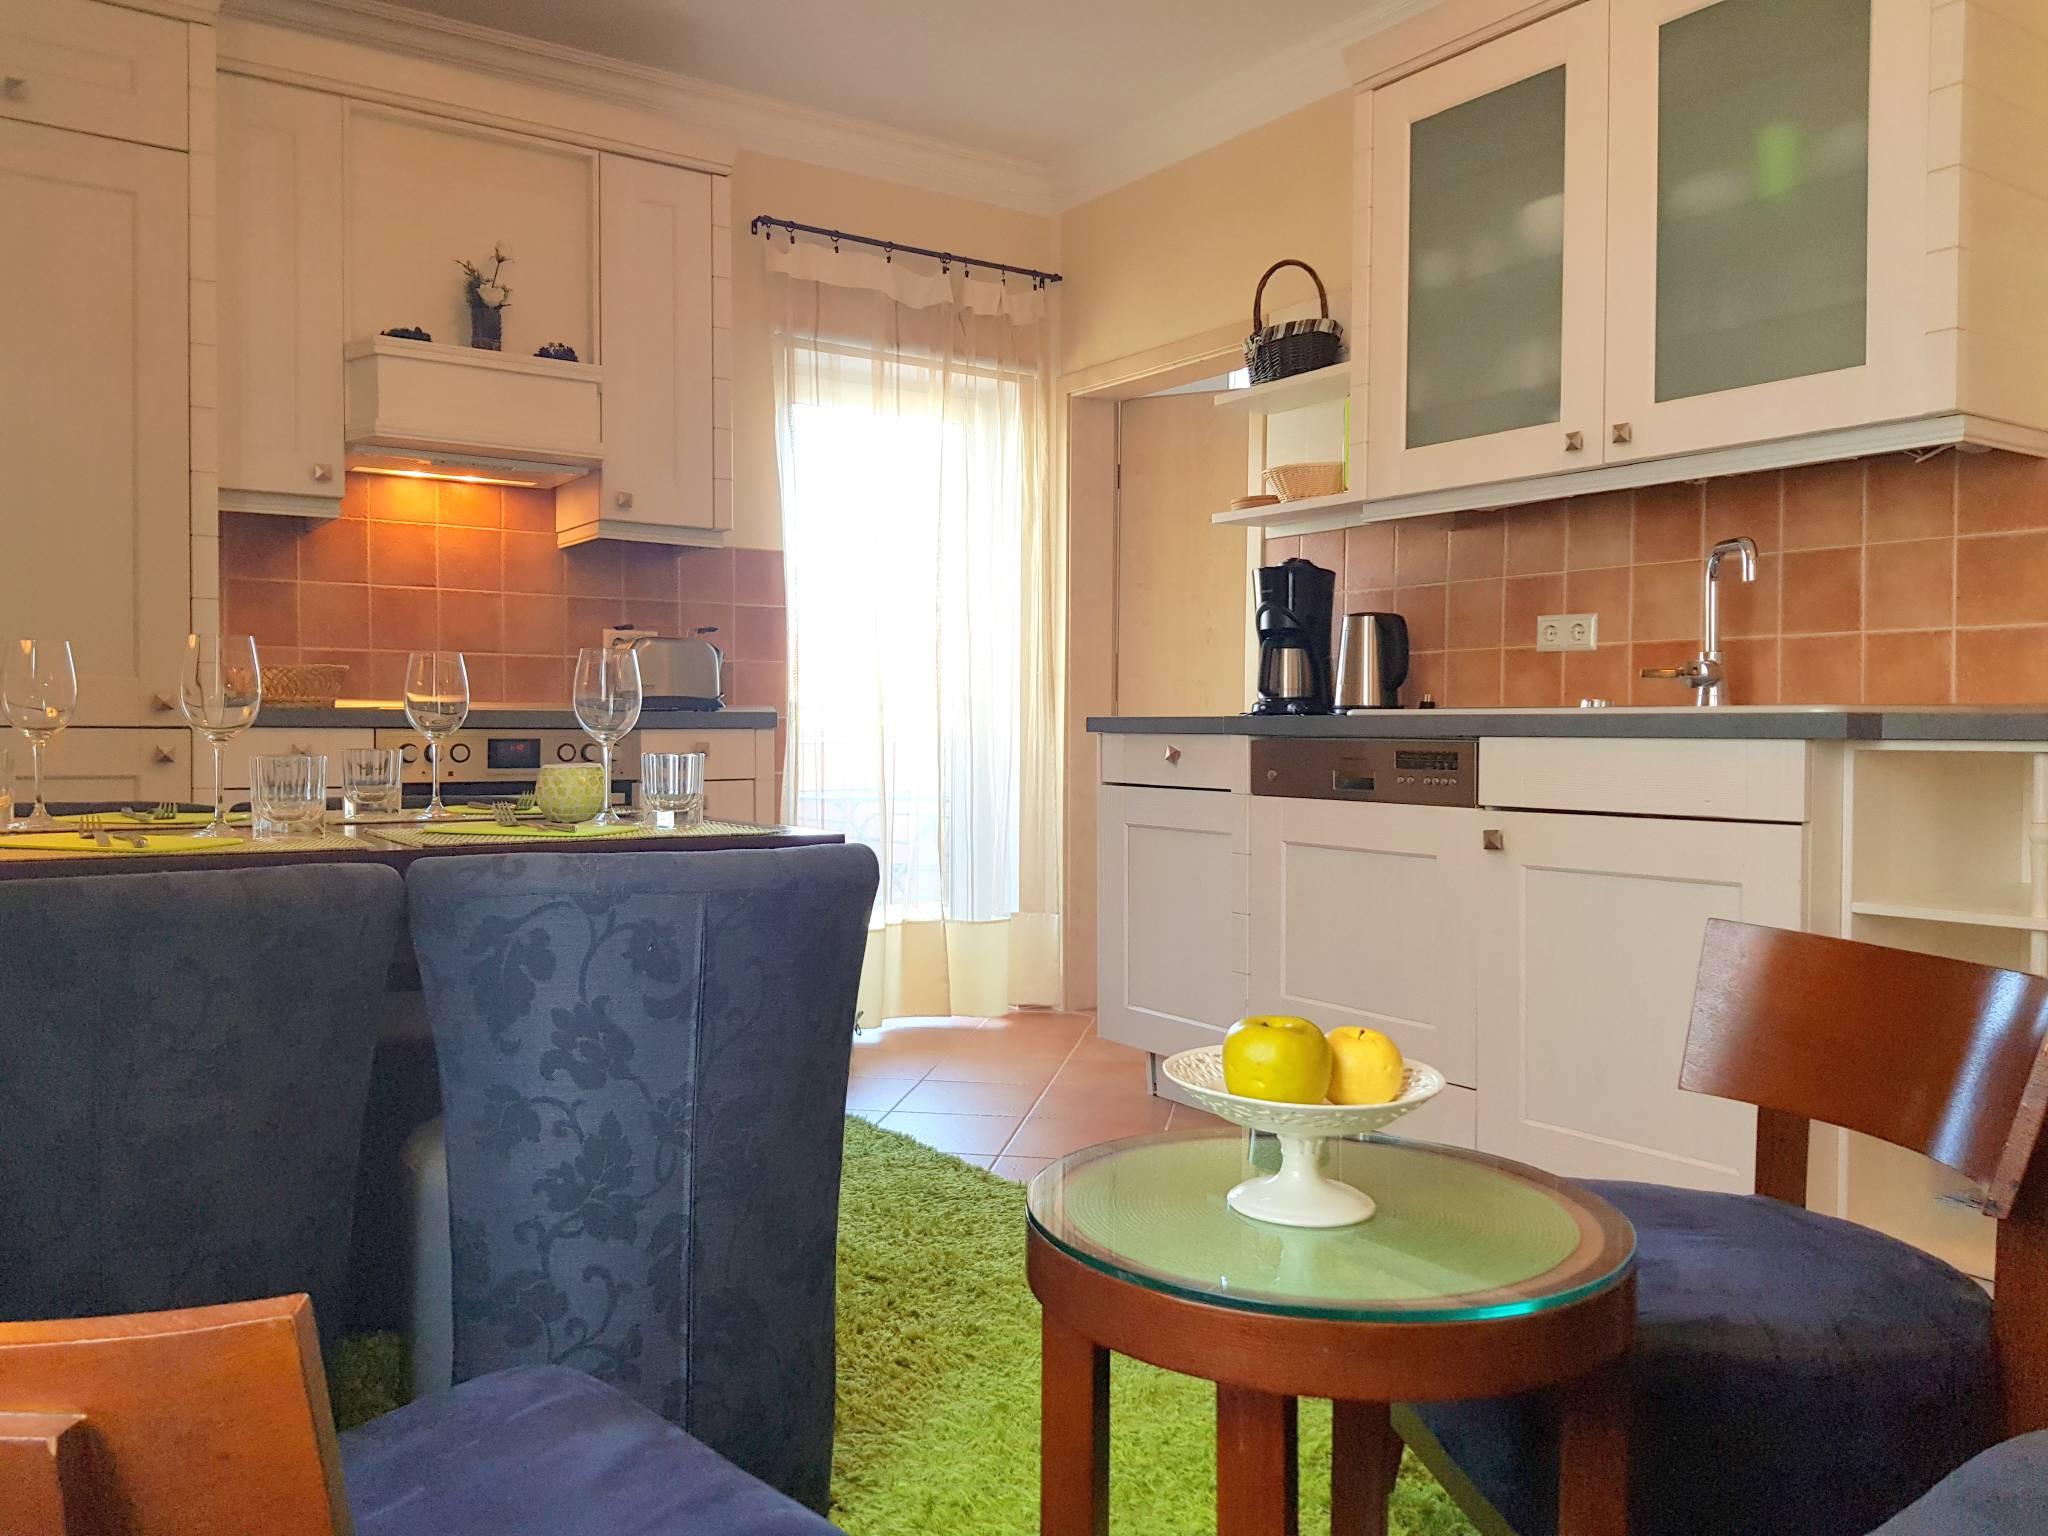 Sofa-Sitzgruppe in der Wohnküche